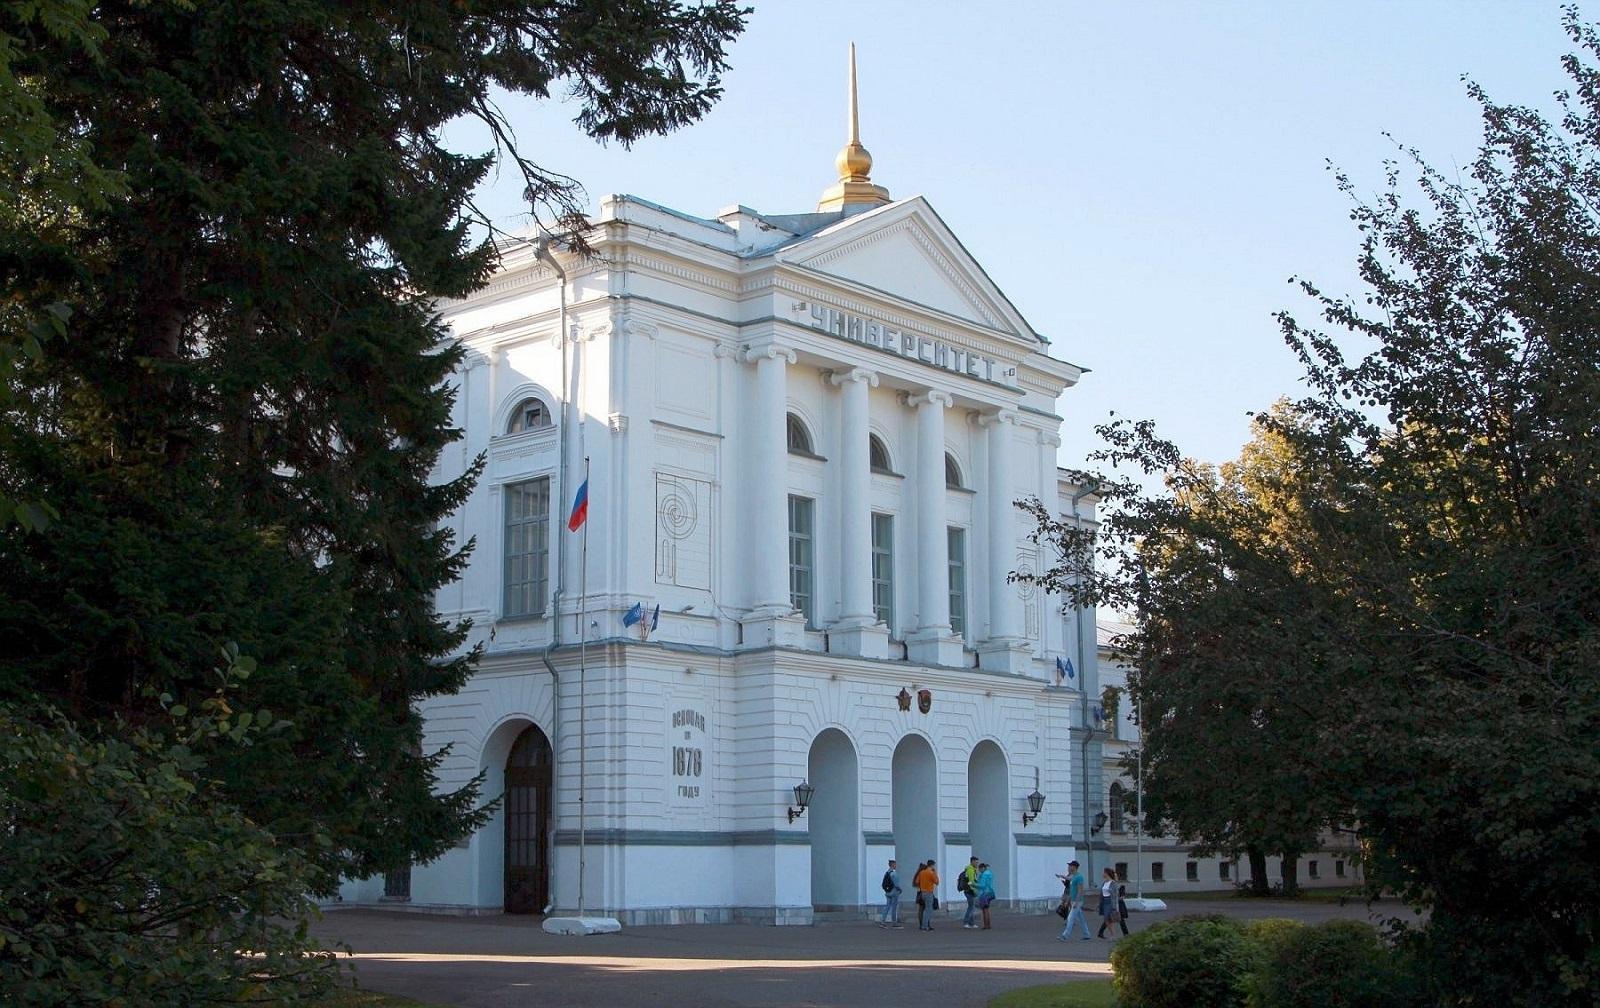 南开大学男生顺利入学乌拉尔联邦大学插图1-小狮座俄罗斯留学